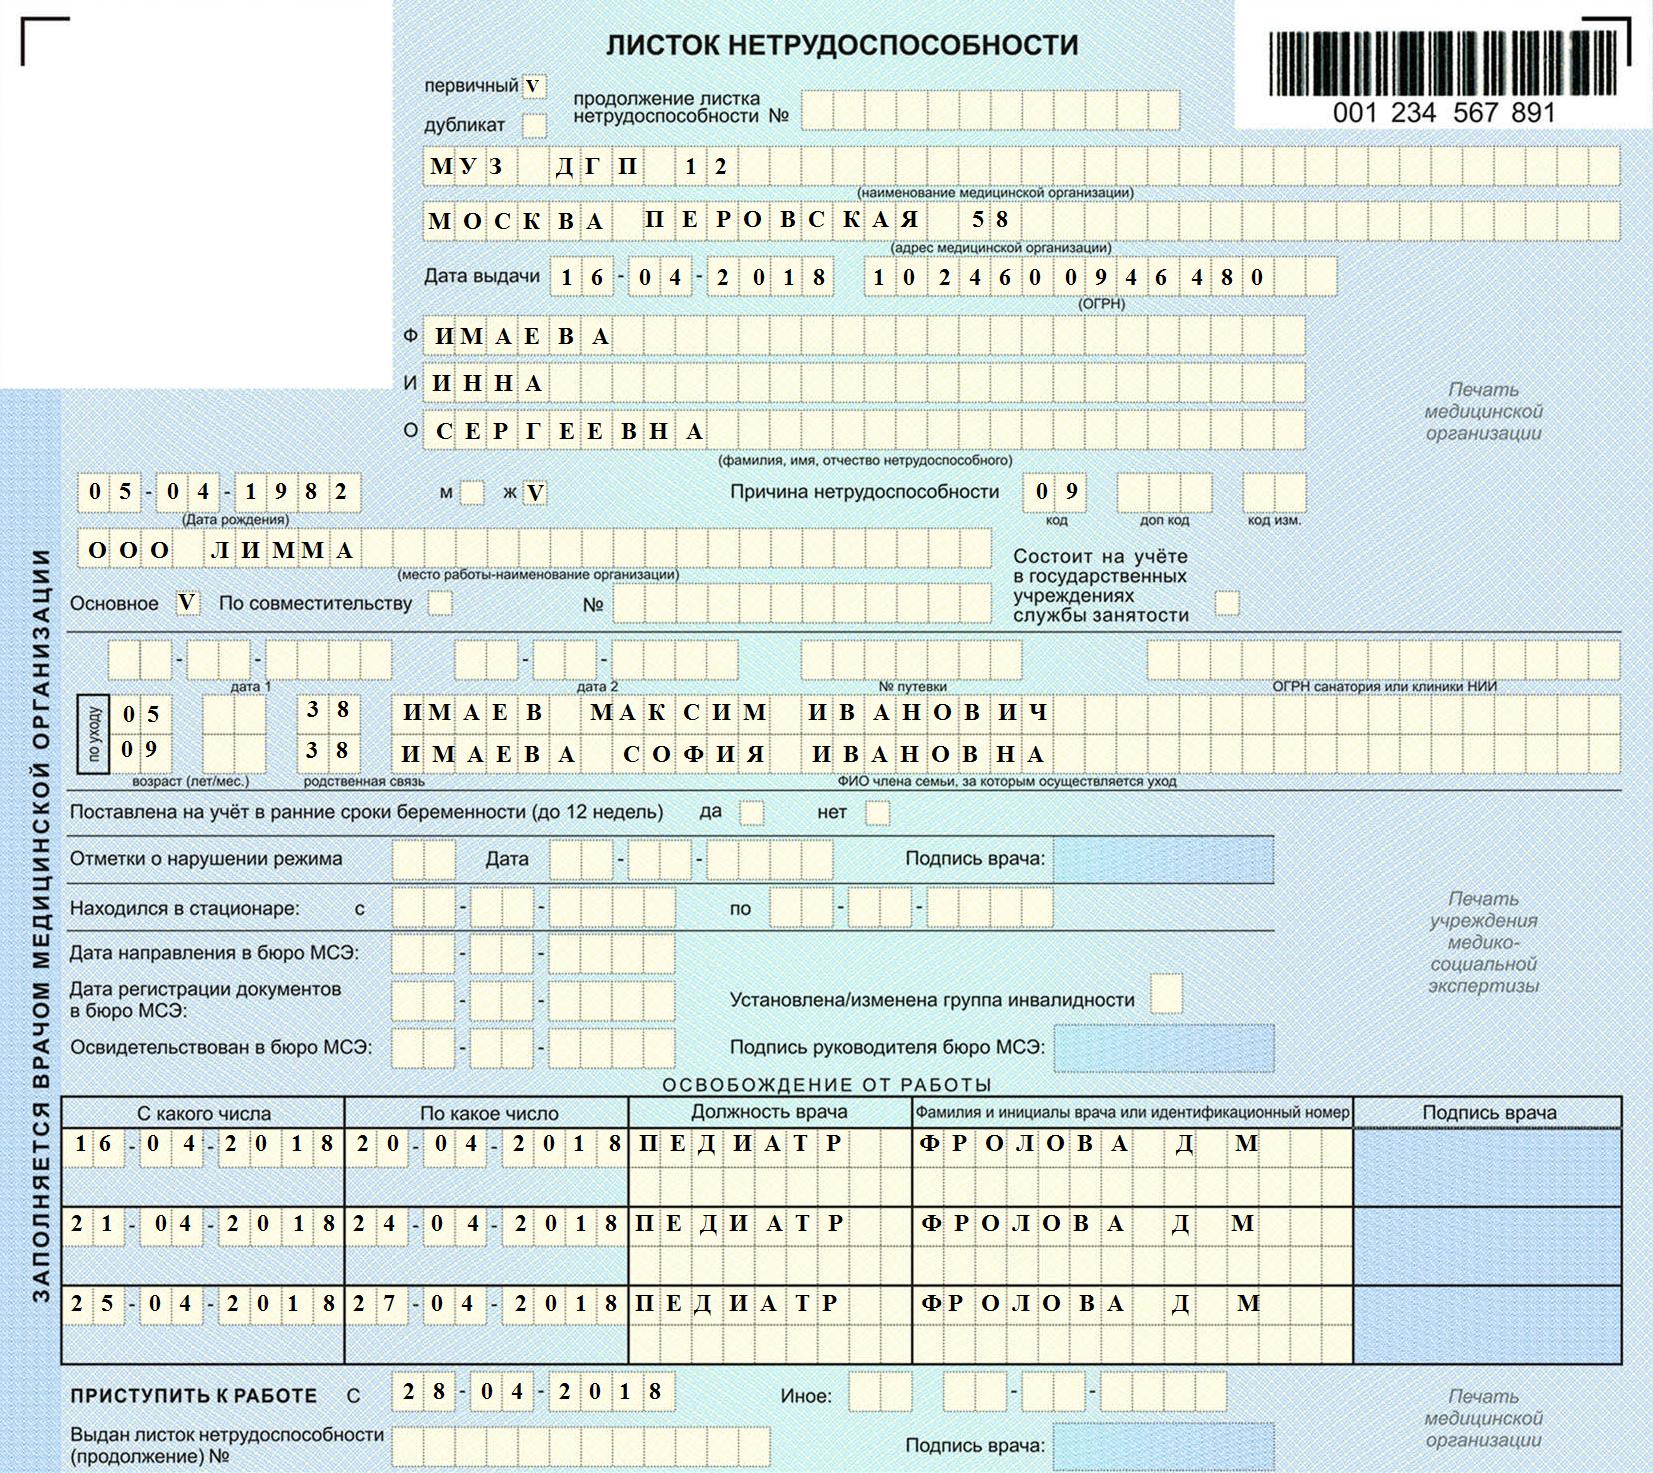 Правила заполнения больничного листа работодателем в 2020 году образец